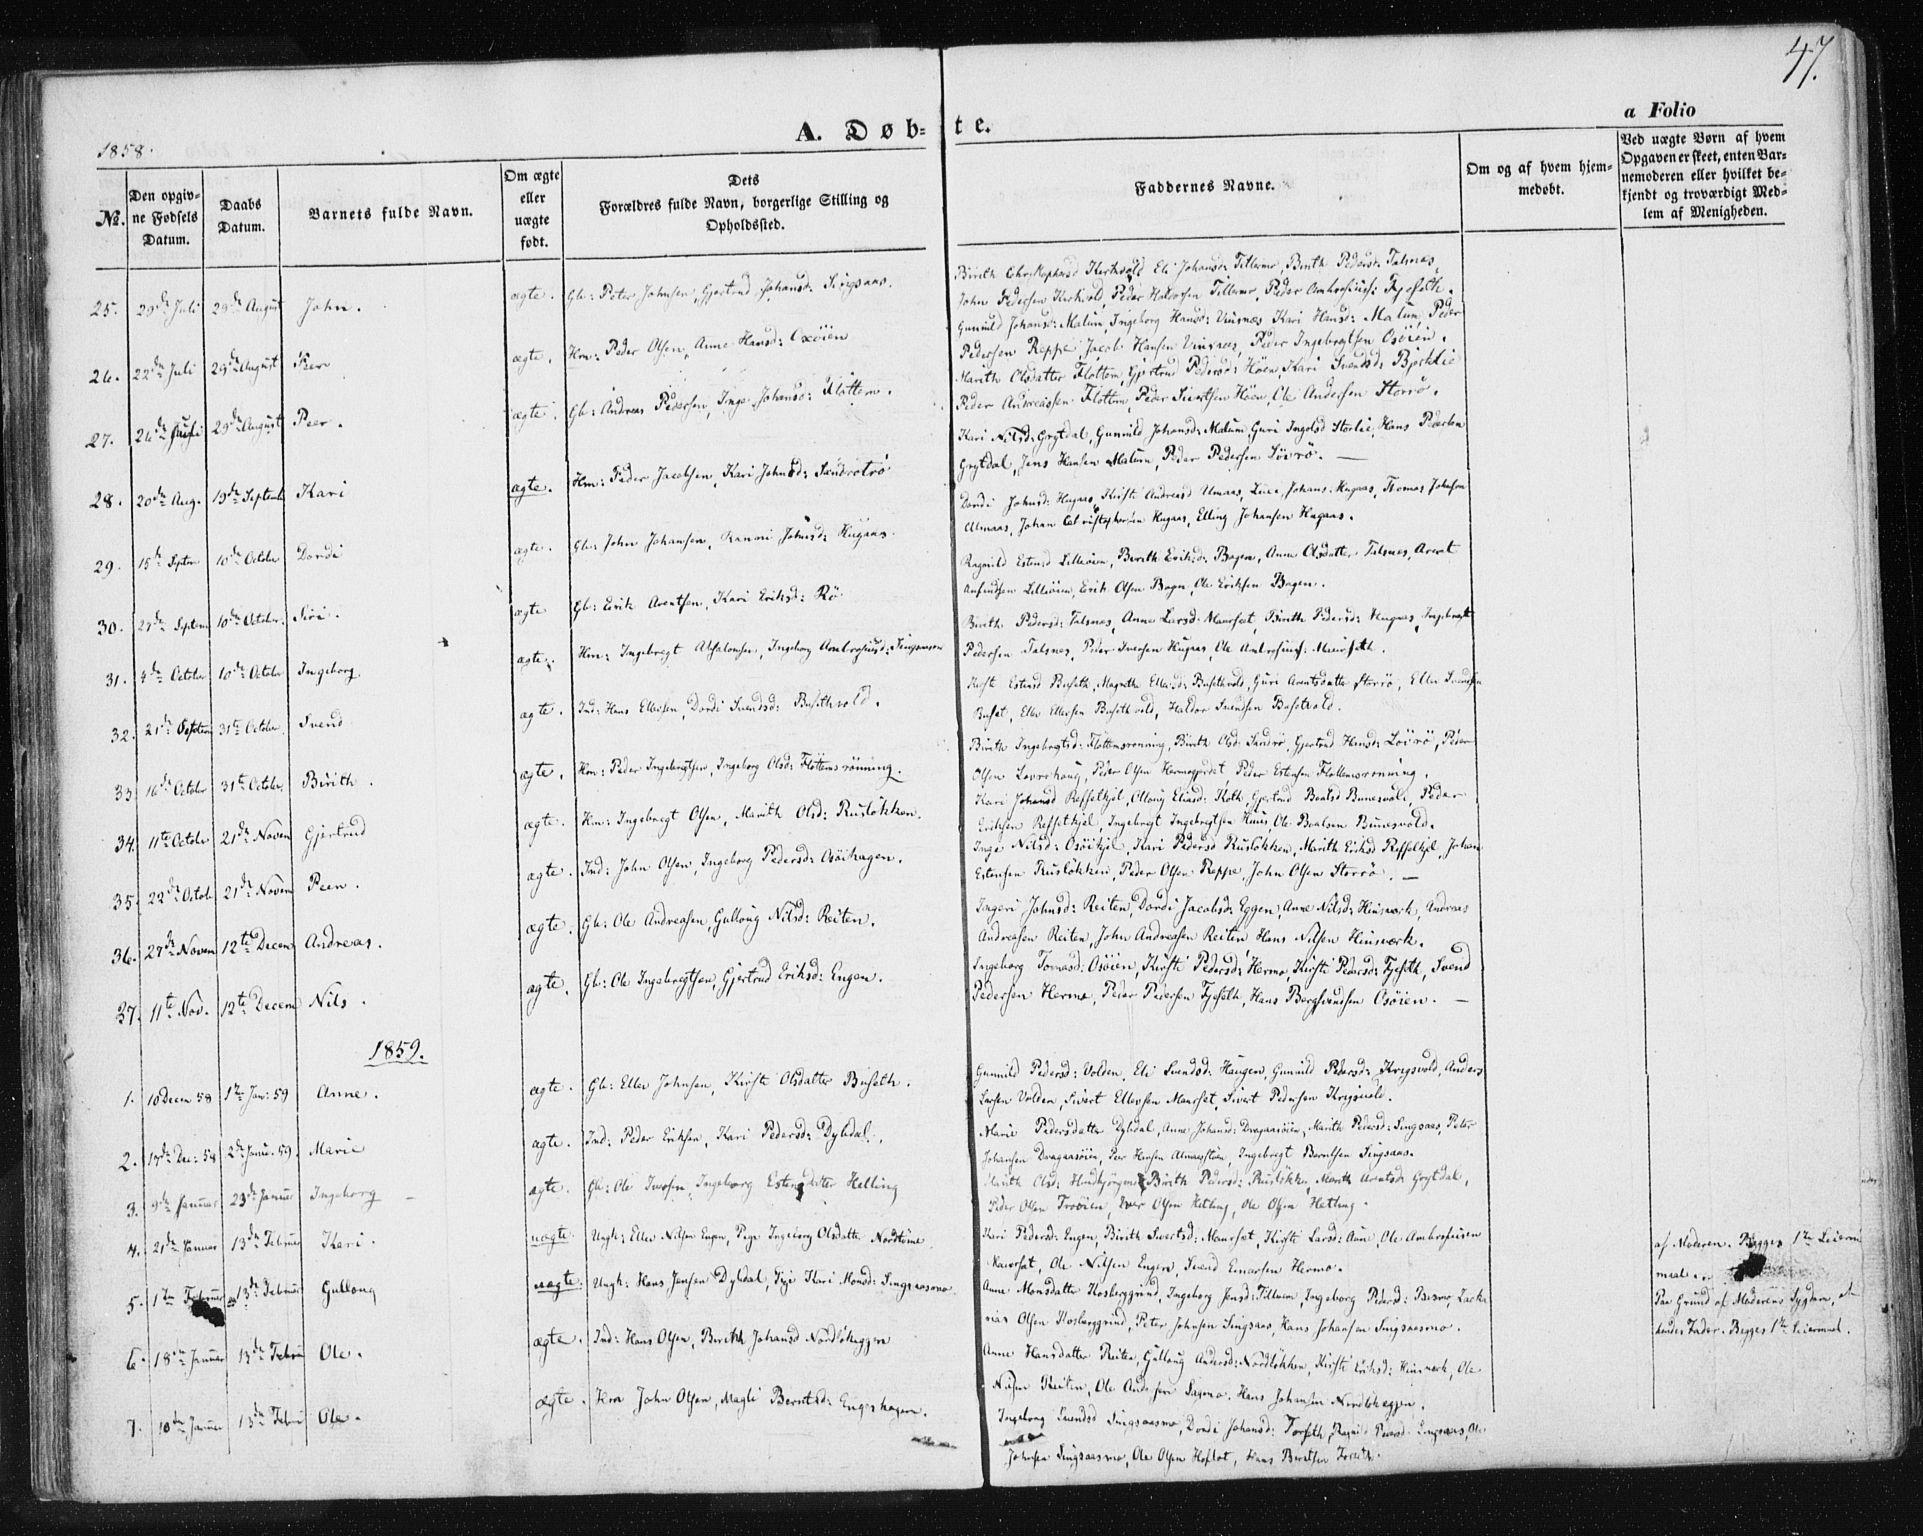 SAT, Ministerialprotokoller, klokkerbøker og fødselsregistre - Sør-Trøndelag, 685/L0964: Ministerialbok nr. 685A06 /2, 1846-1859, s. 47